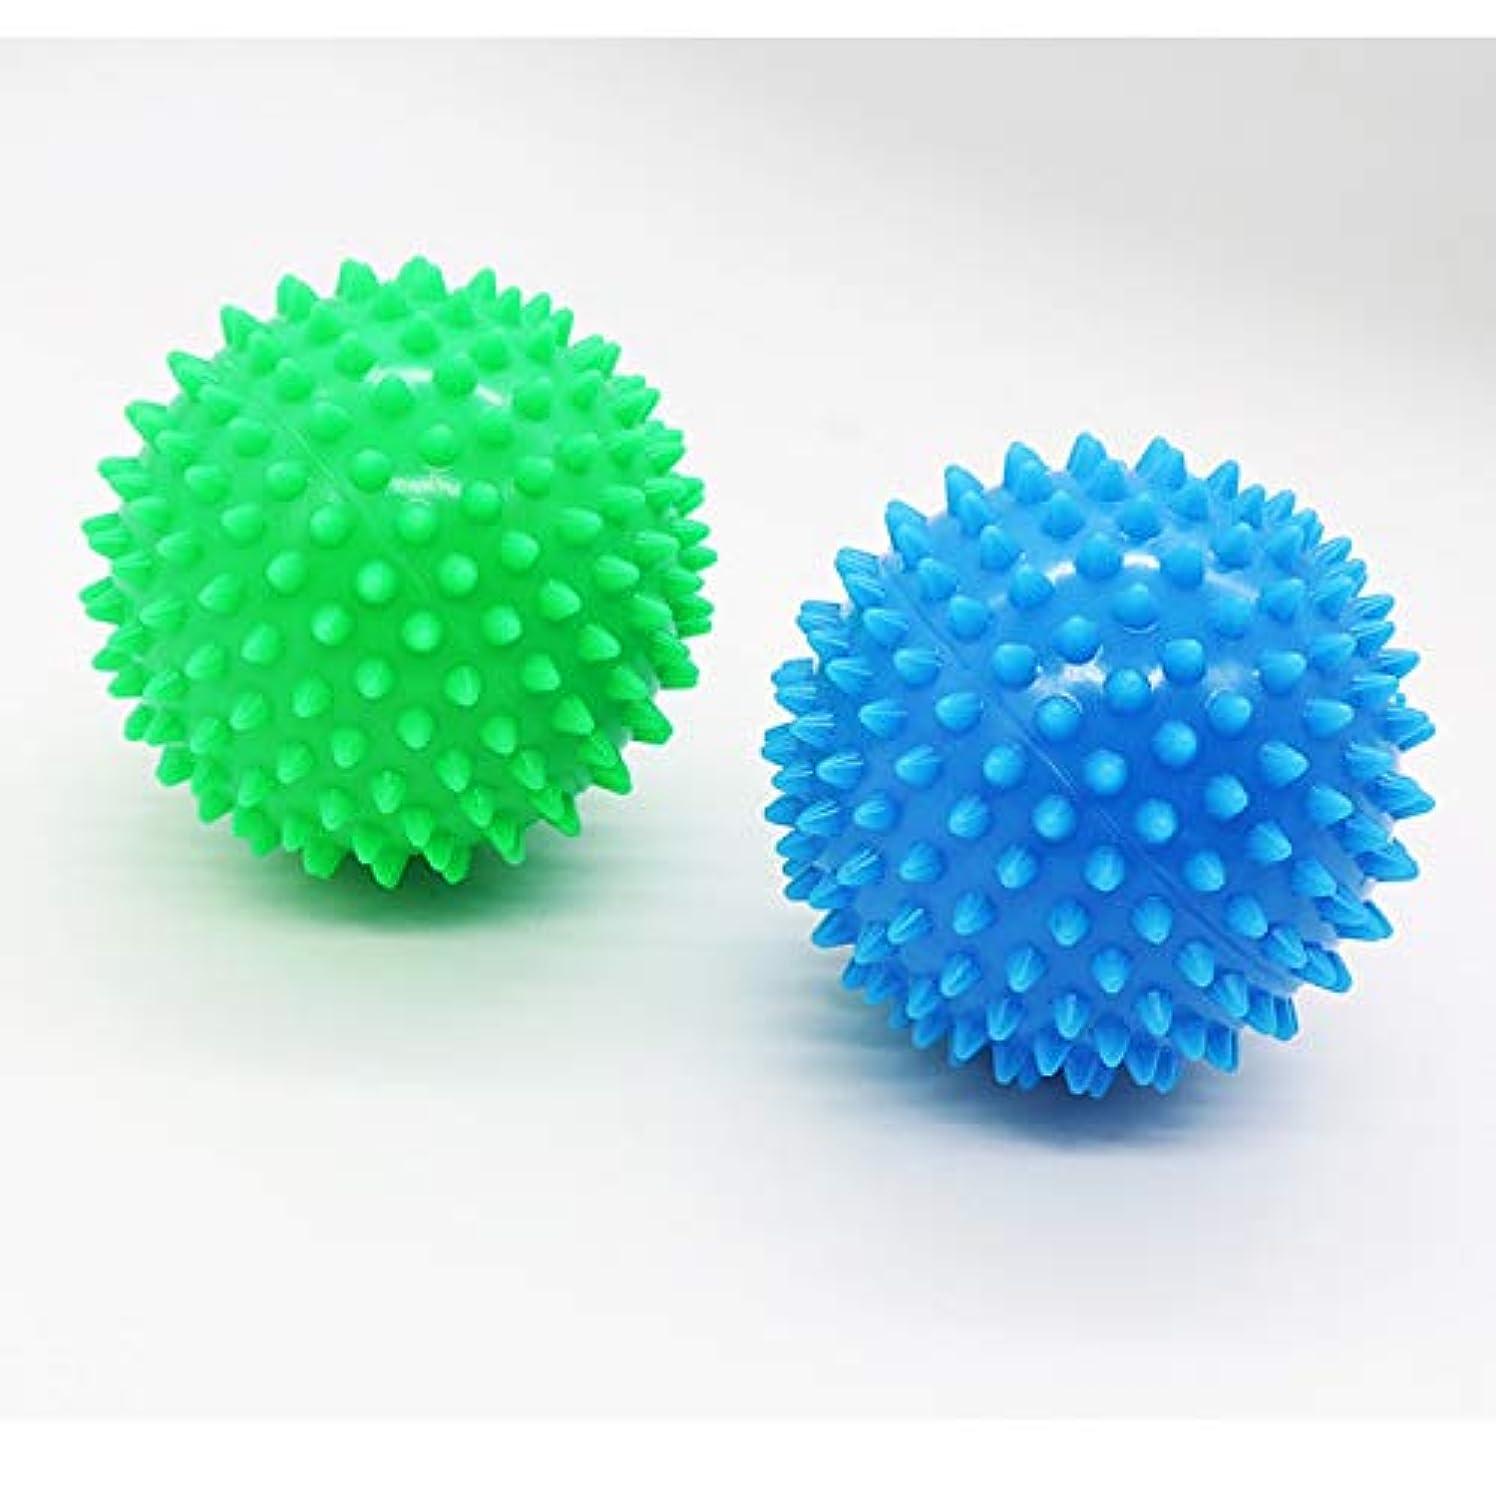 死んでいるお手入れ飼いならすDreecy マッサージボール(2個セット)触覚ボール リフレックスボール トレーニングボール  ポイントマッサージ 筋筋膜リリース 筋肉緊張和らげ 血液循環促進 9cm(青+緑)